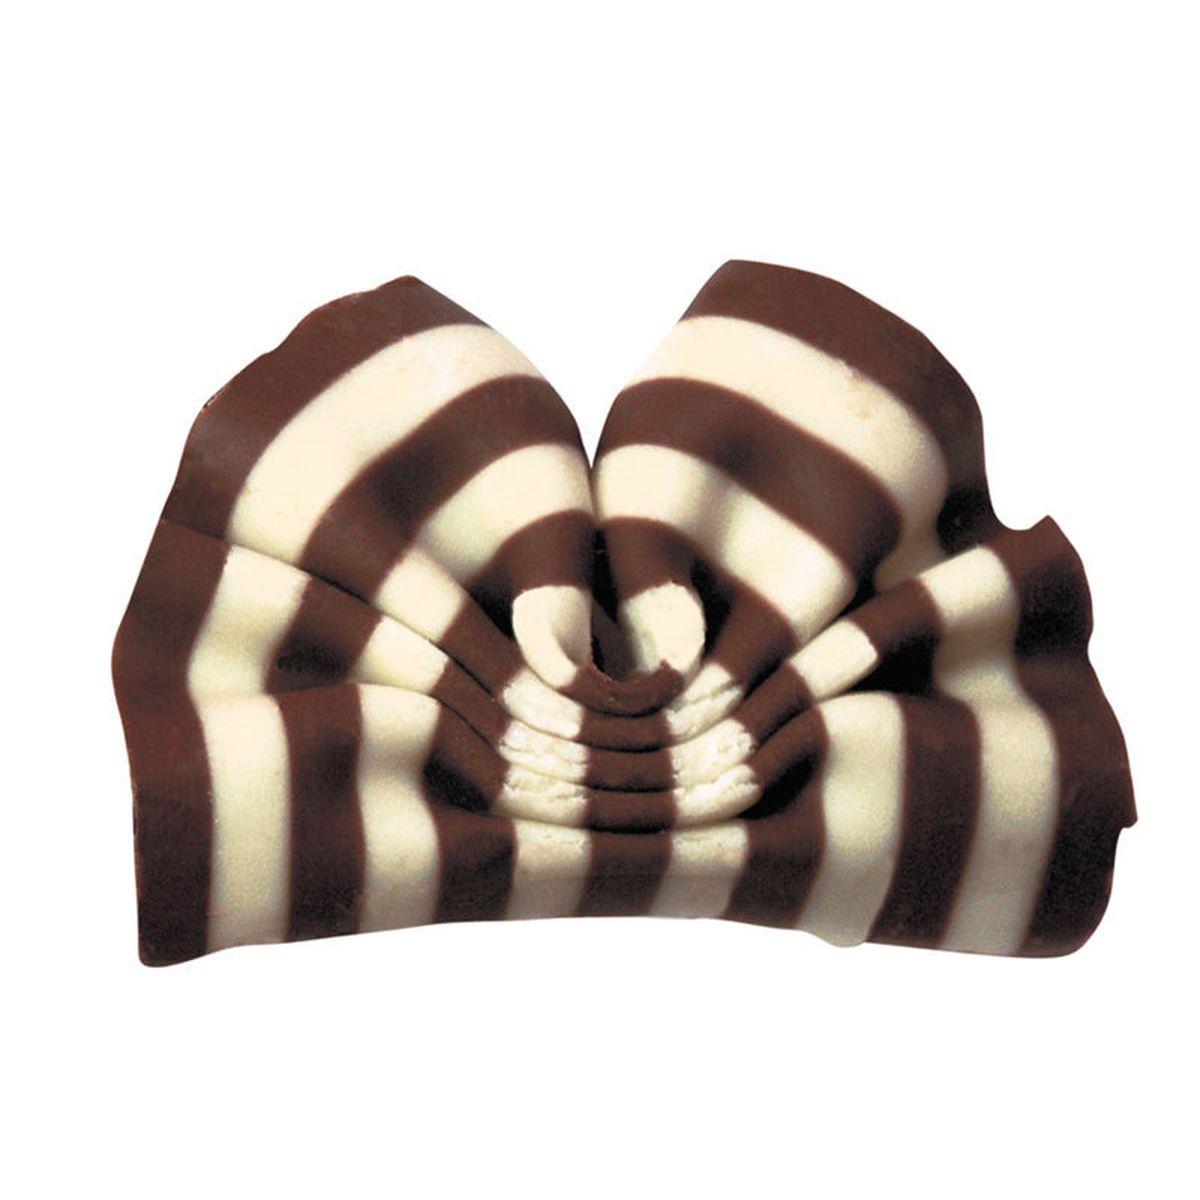 Décor en chocolat : petits éventails au deux chocolat noir et blanc 50 gr